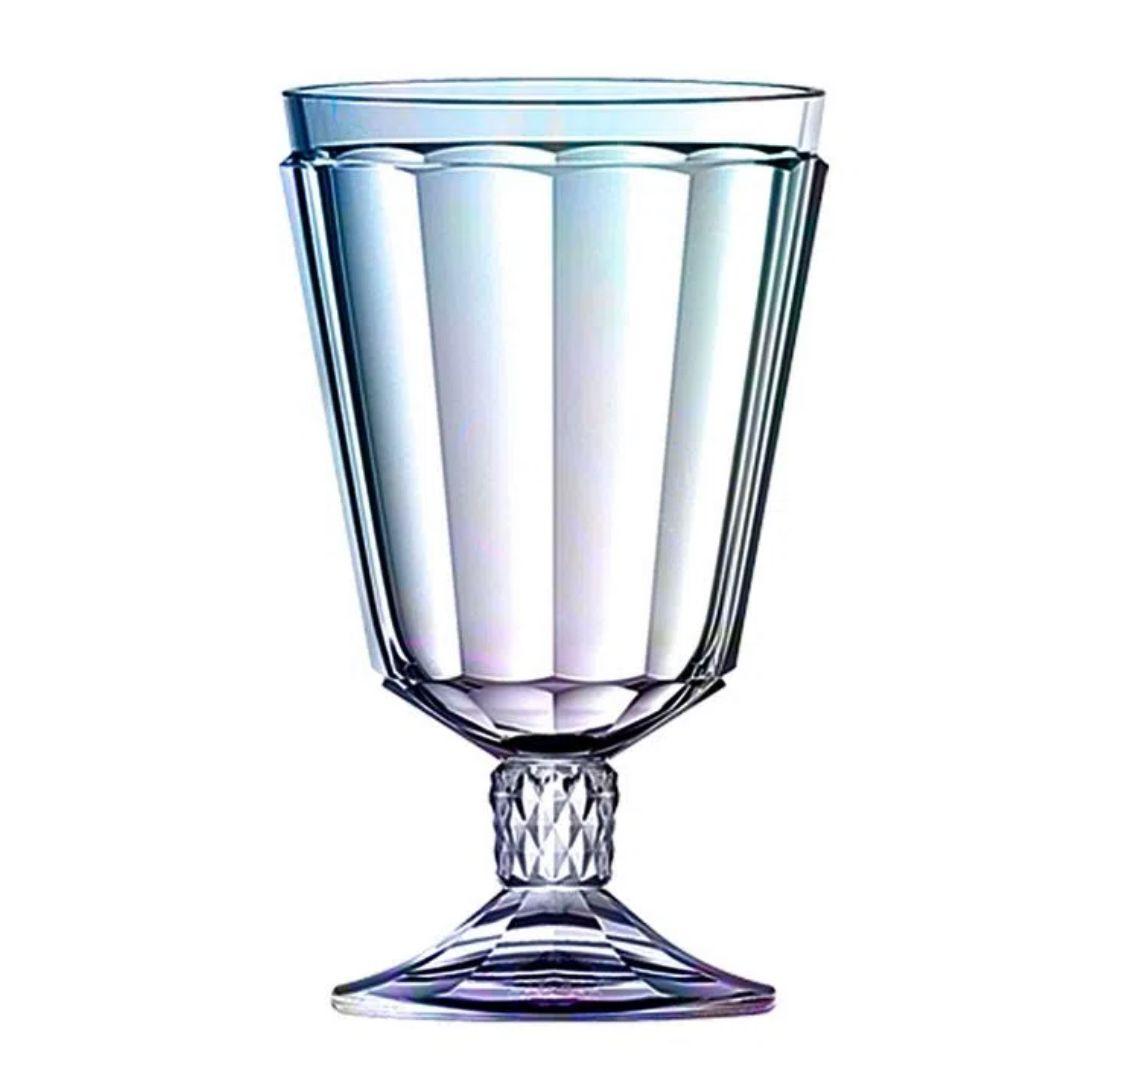 Jogo de 6 taças em vidro 330ml A15cm furta cor